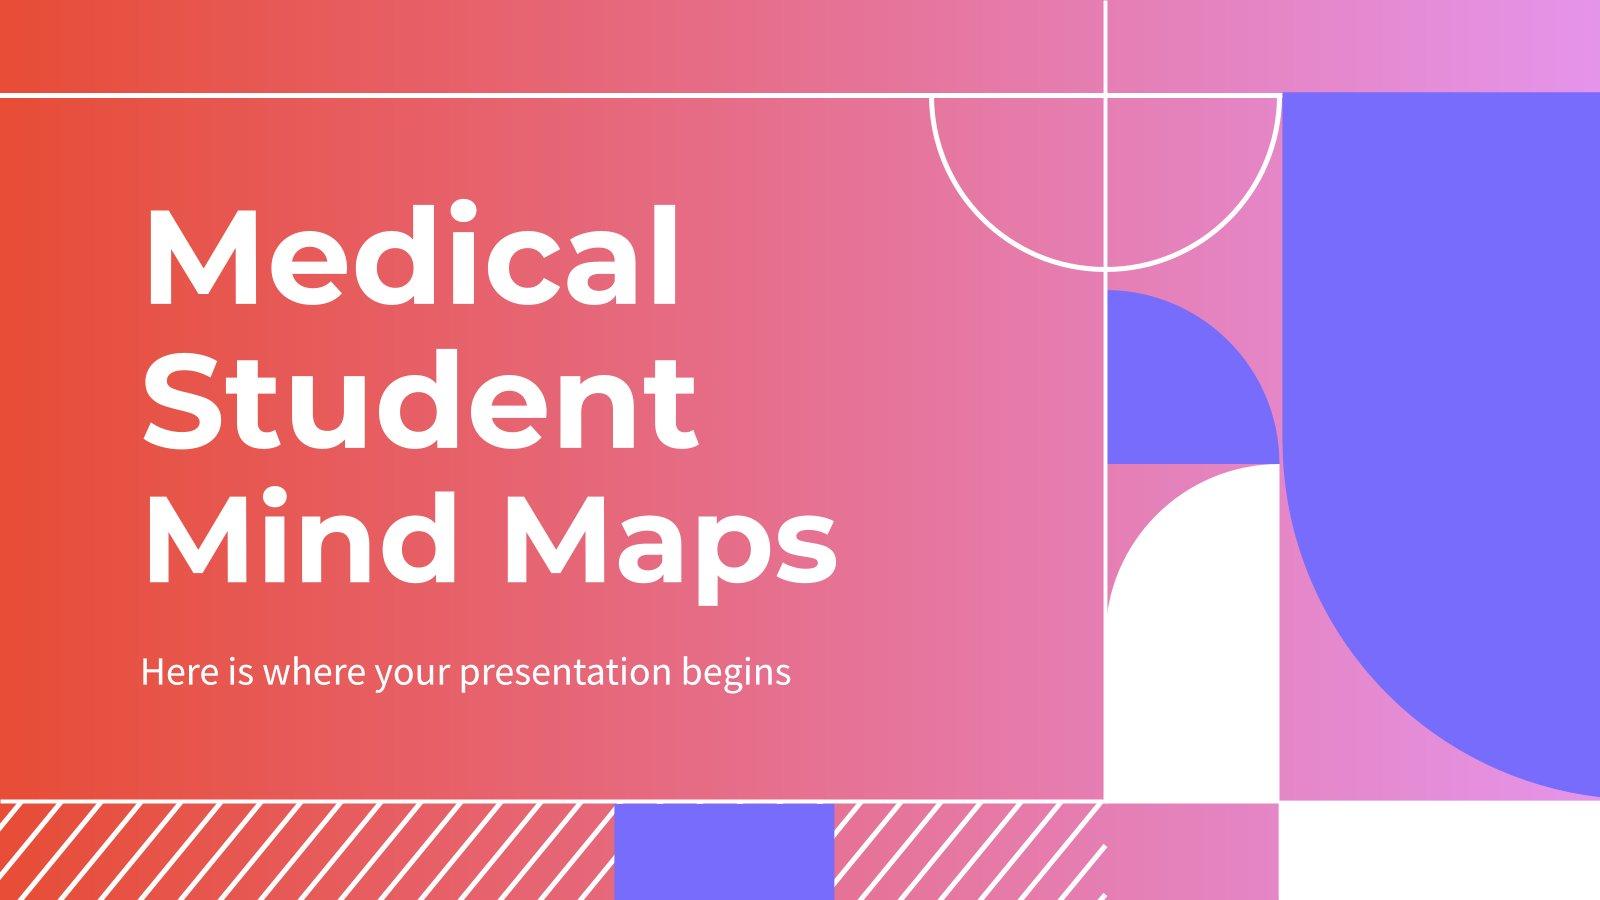 Cartes heuristiques pour les étudiants en médecine : Modèles de présentation